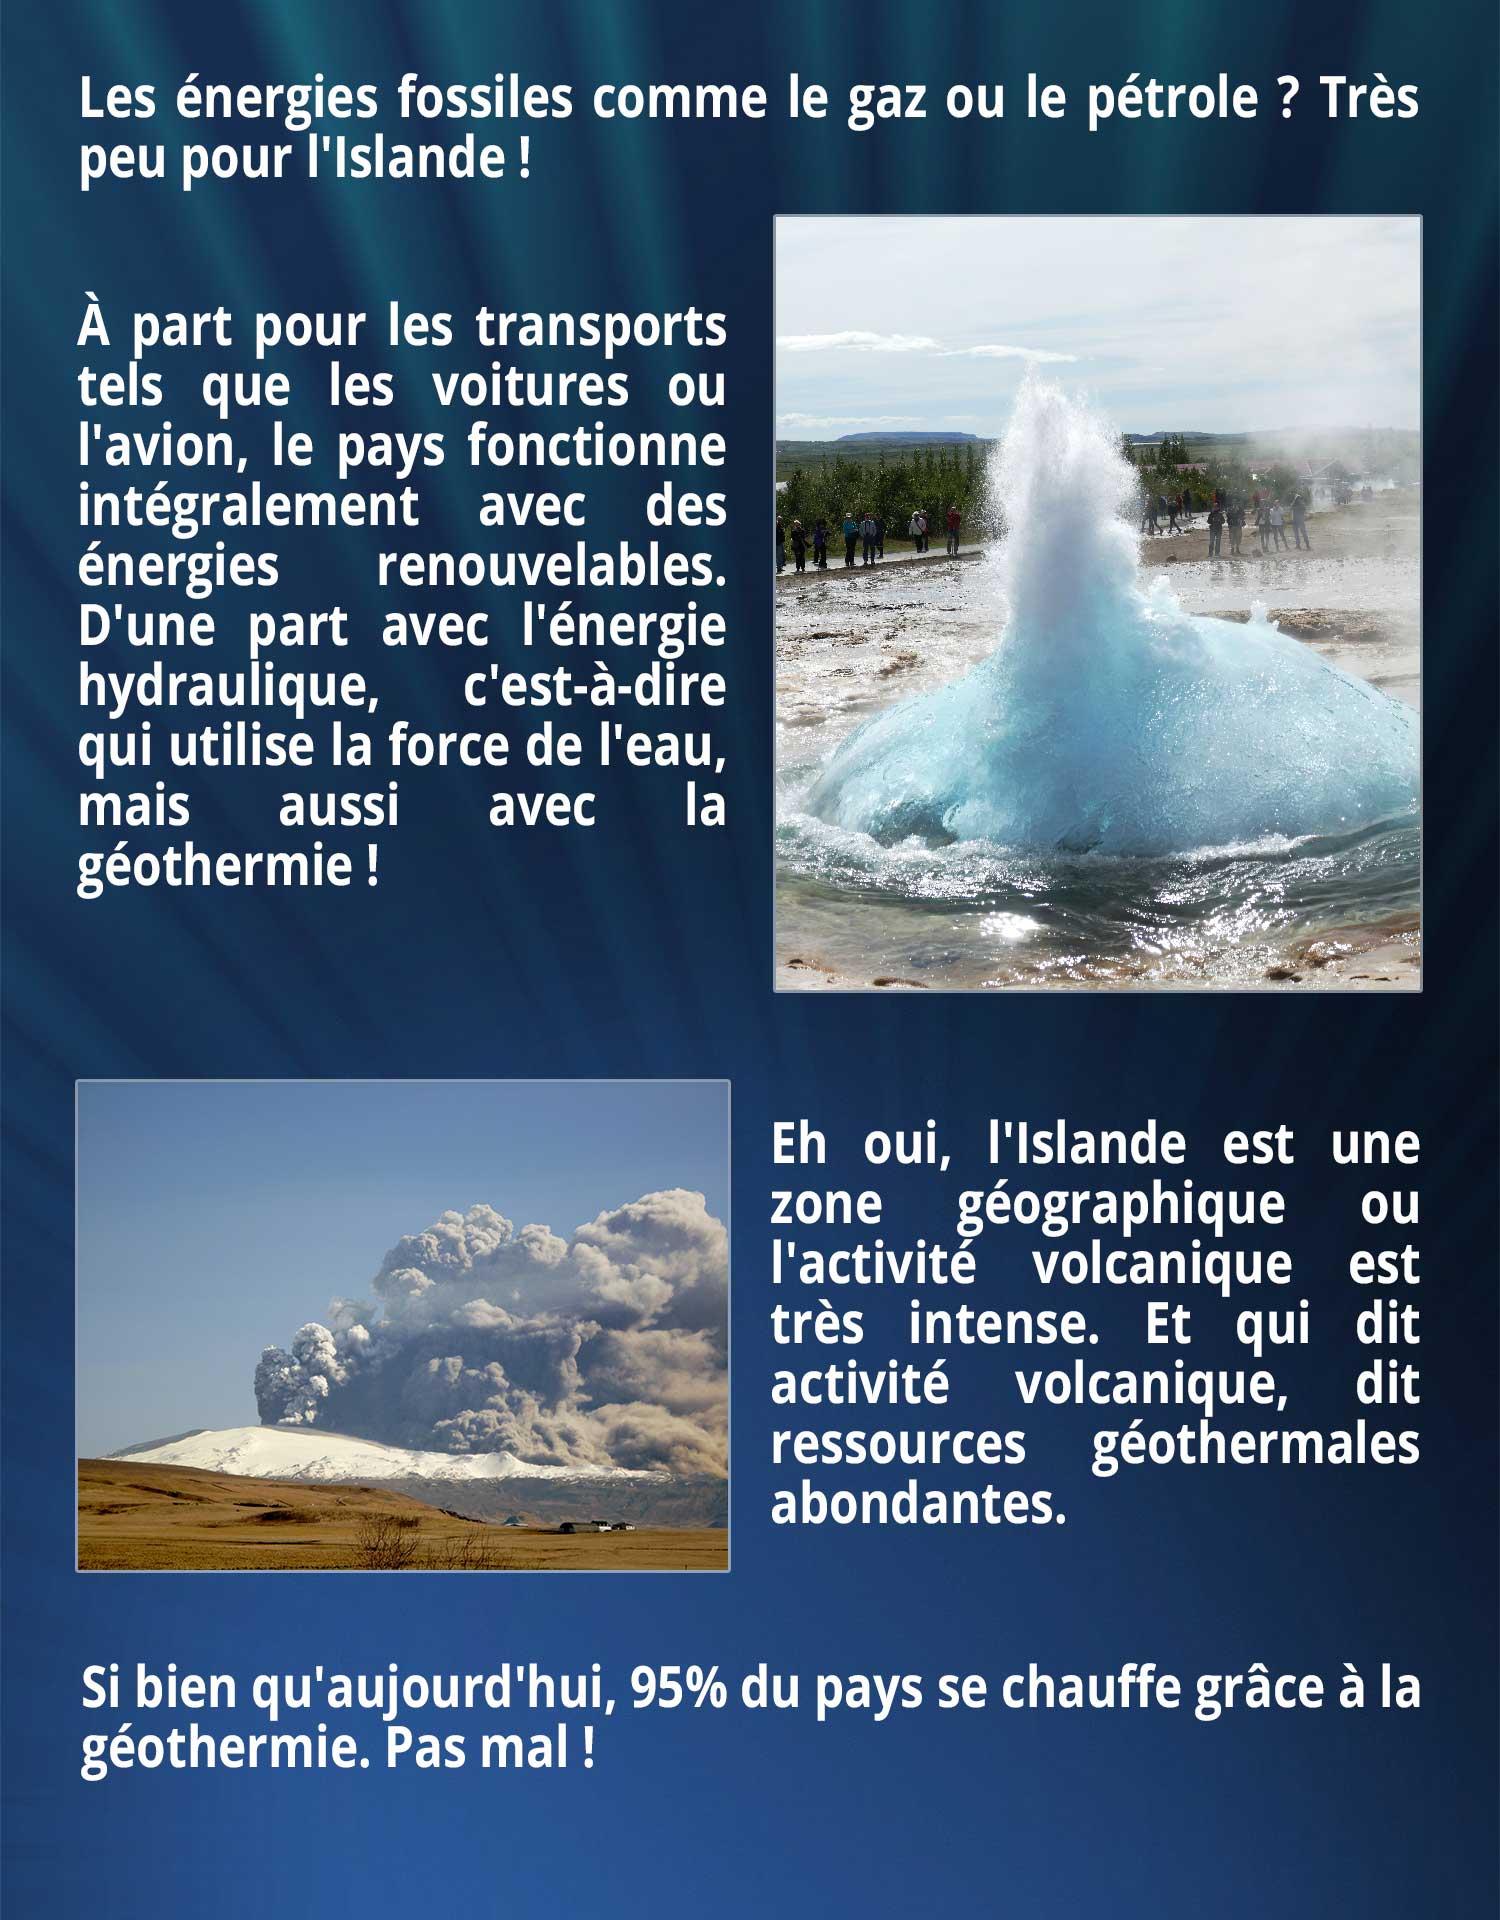 Les énergies fossiles comme le gaz ou le pétrole ? Très peu pour l'Islande ! À part pour les transports tels que les voitures ou l'avion, le pays fonctionne intégralement avec des énergies renouvelables. D'une part avec l'énergie hydraulique, c'est-à-dire qui utilise la force de l'eau, mais aussi avec la géothermie ! Eh oui, l'Islande est une zone géographique où l'activité volcanique est très intense. Et qui dit activité volcanique, dit ressources géothermales abondantes. Si bien qu'aujourd'hui, 95% du pays se chauffe grâce à la géothermie. Pas mal !